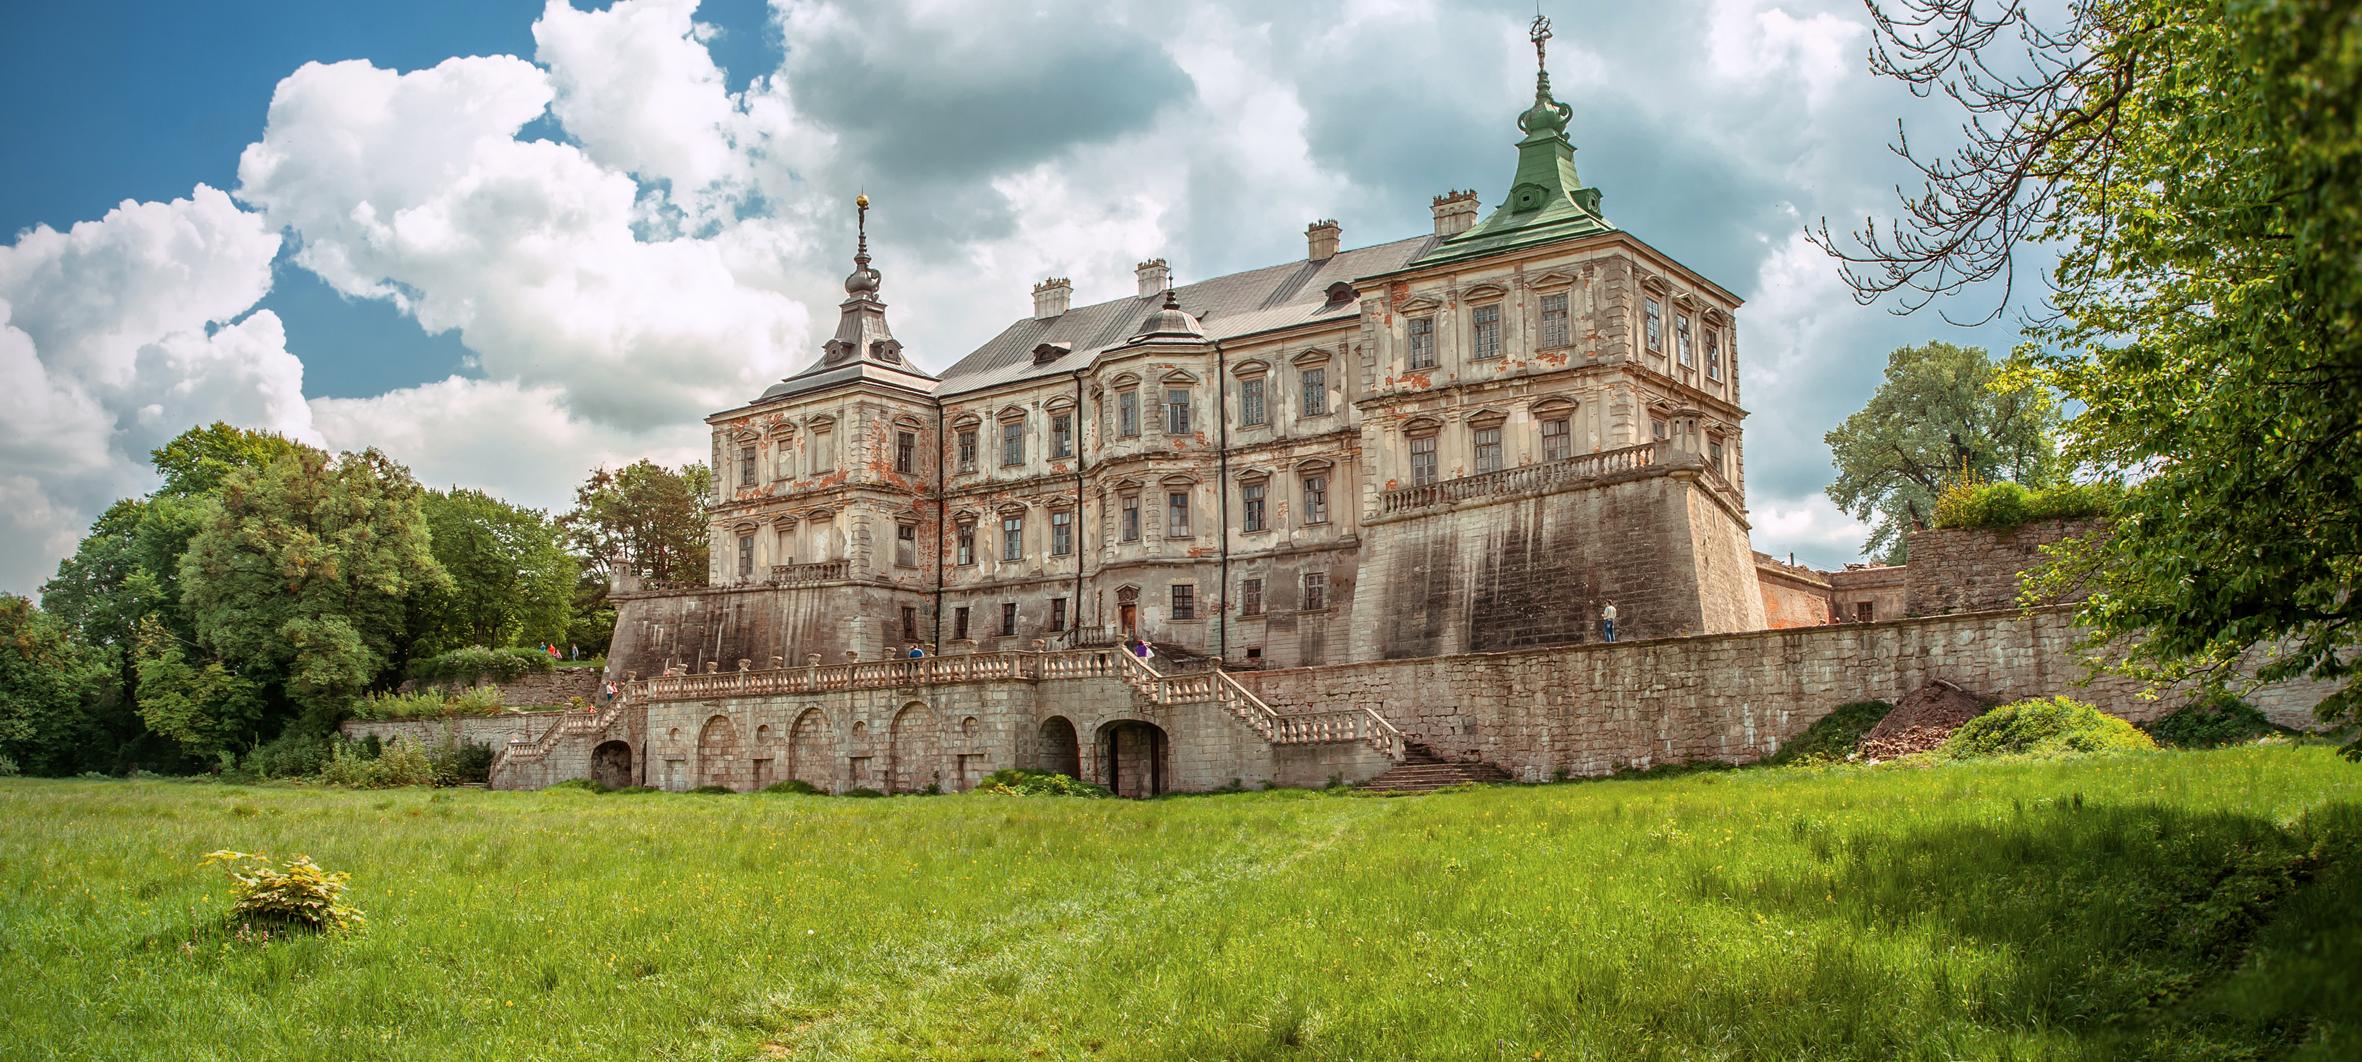 Файл:Підгорецький замок. панорама. Вид з поля.jpg — Вікіпедія